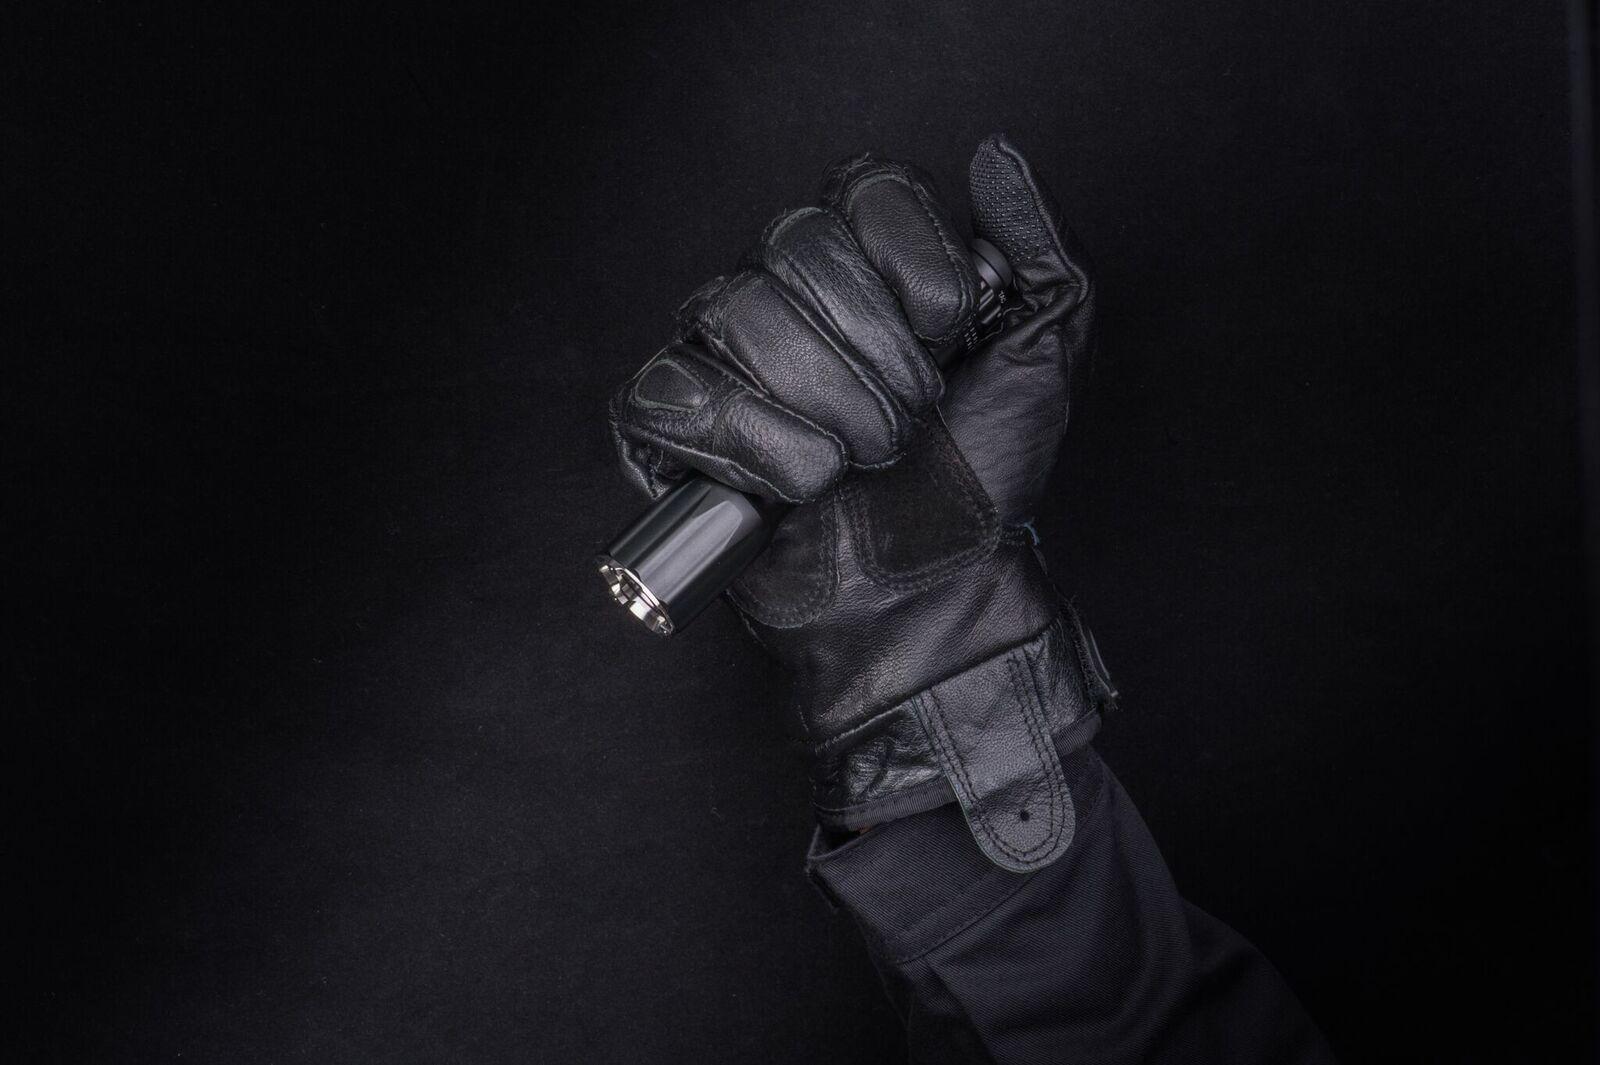 Taktische LED-Taschenlampe für den Polizeidienst